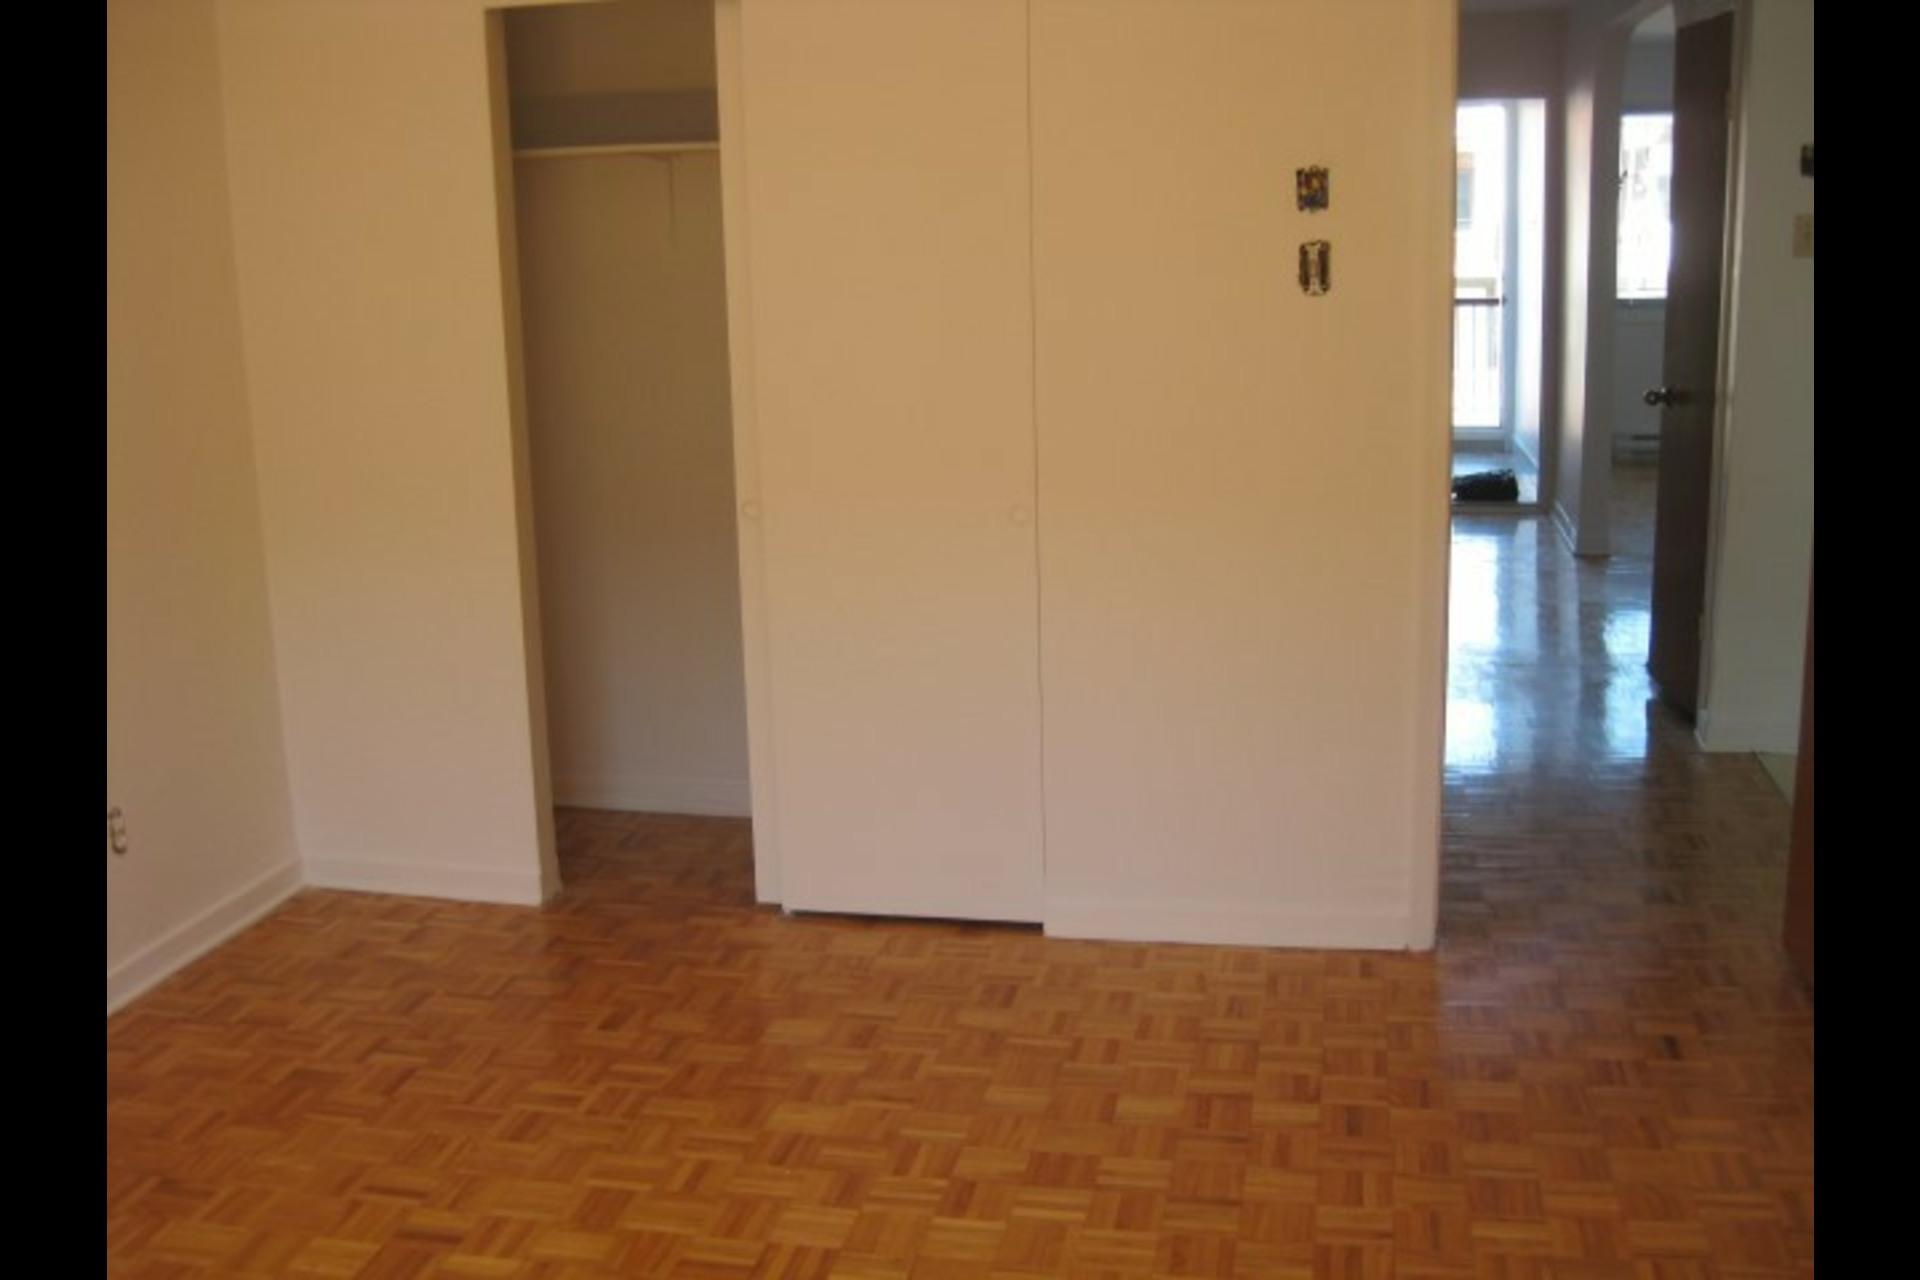 image 7 - Appartement À louer Montréal Saint-Leonard - 4 pièces